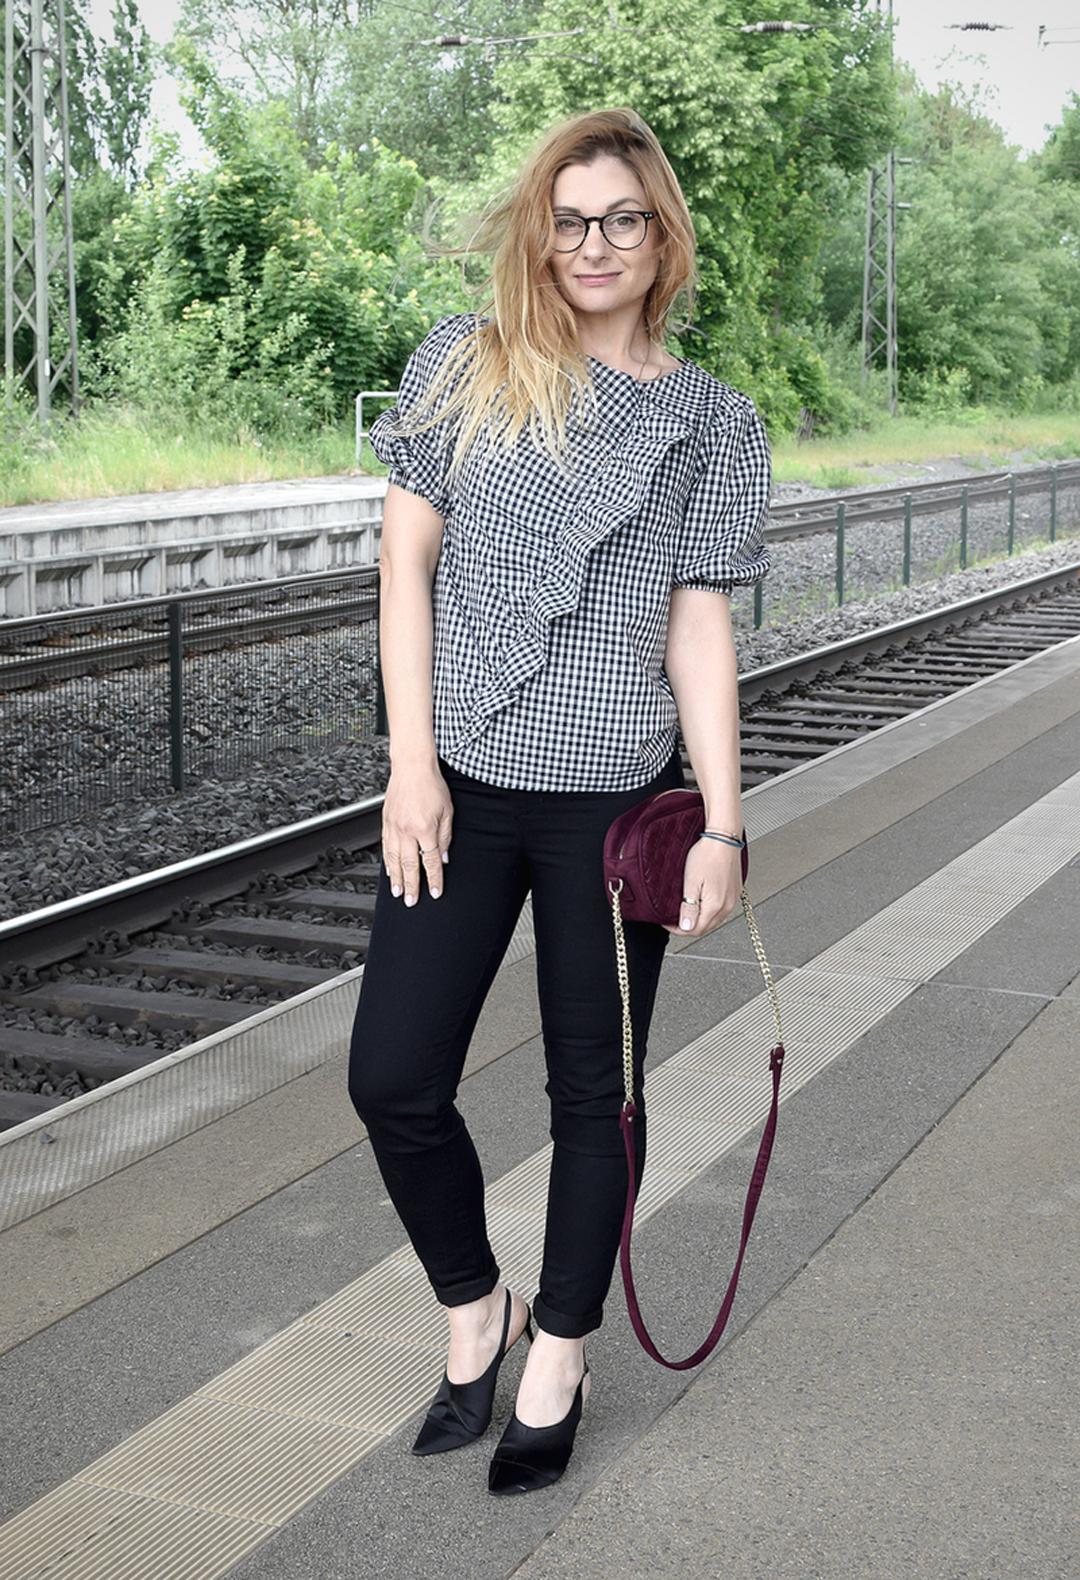 Modetipps für Frauen, Stylingtipps für Frauen über 30 und über 40